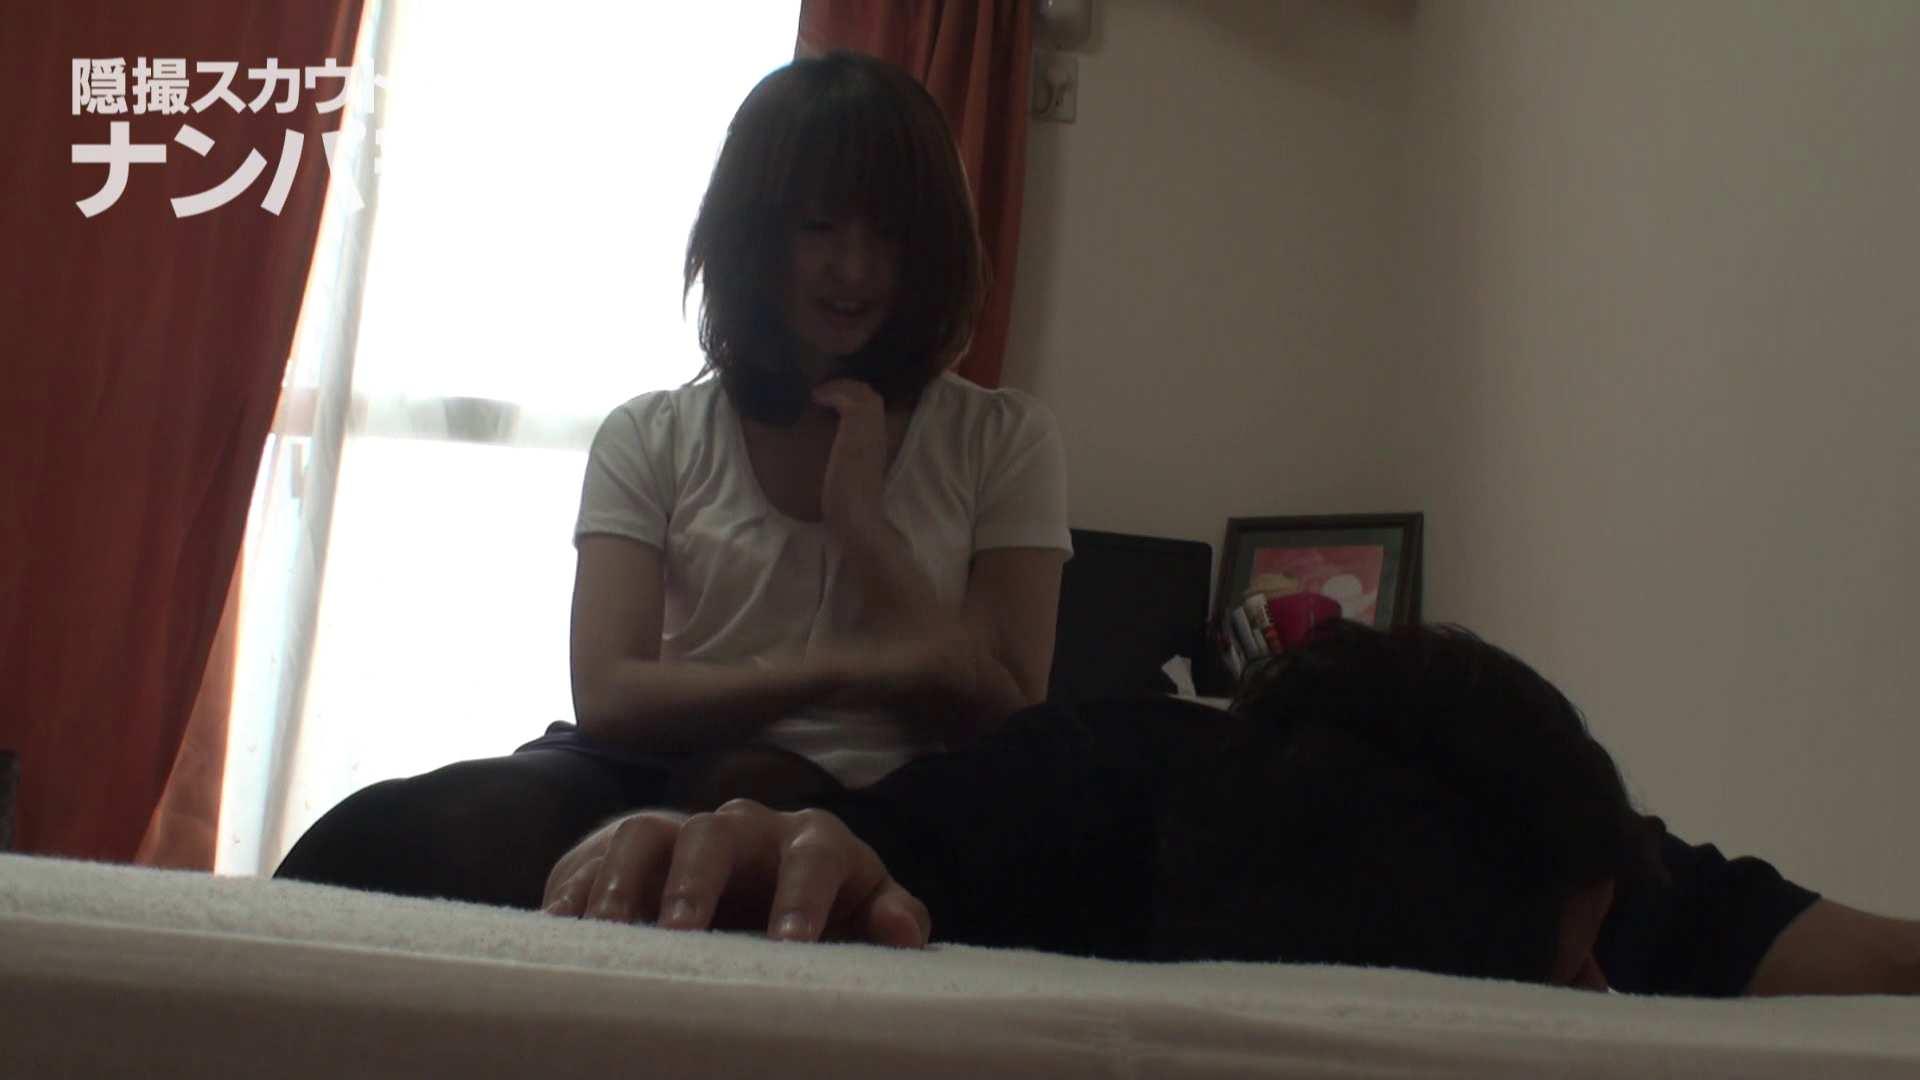 隠撮スカウトマンのナンパ部屋~風俗デビュー前のつまみ食い~ siivol.2 ナンパ  43連発 7